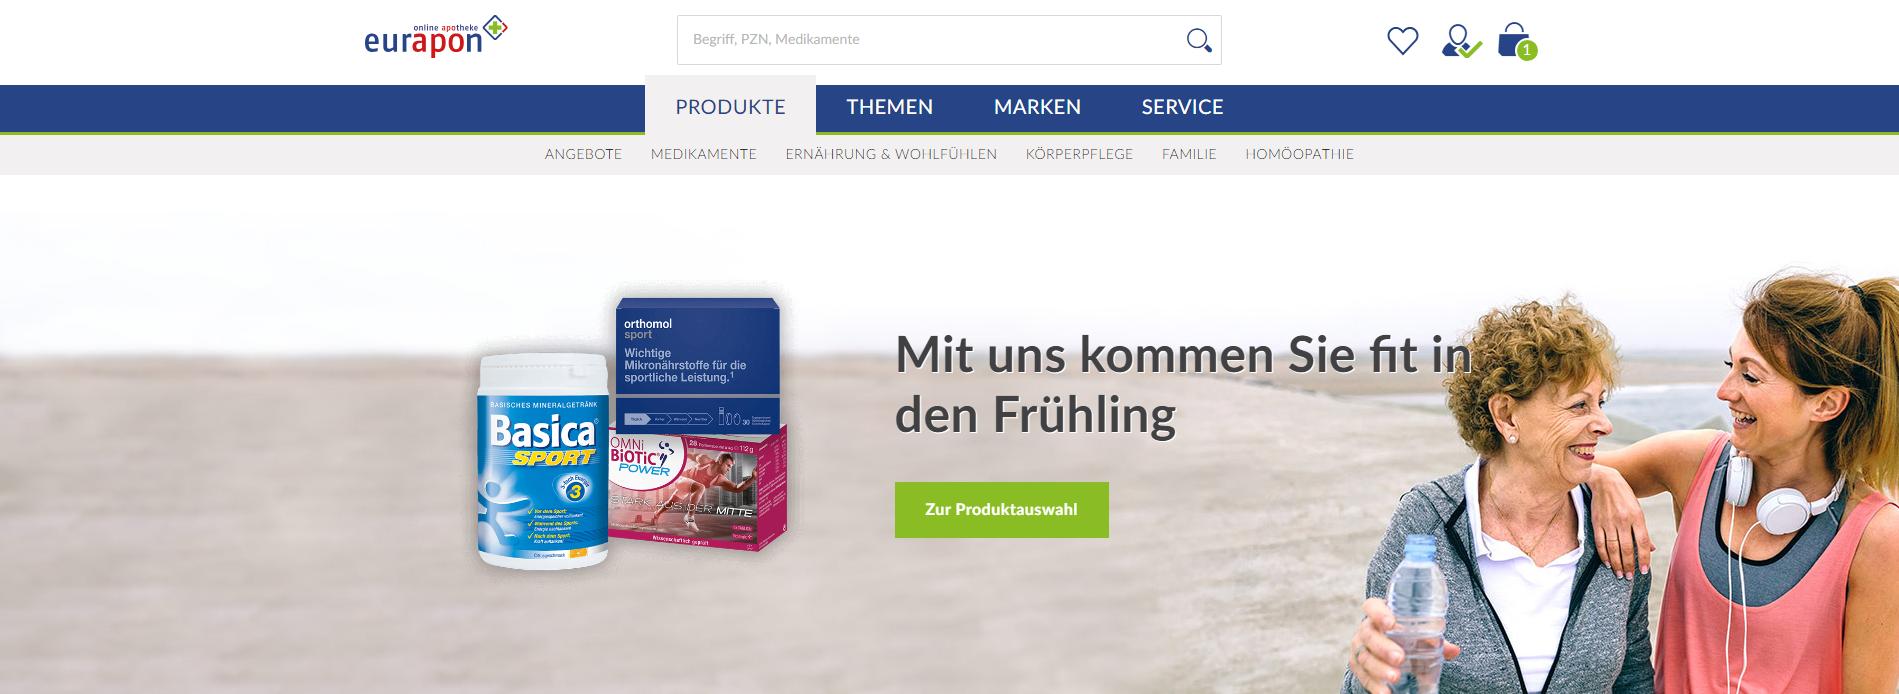 Eurapon Gutschein Online Shop